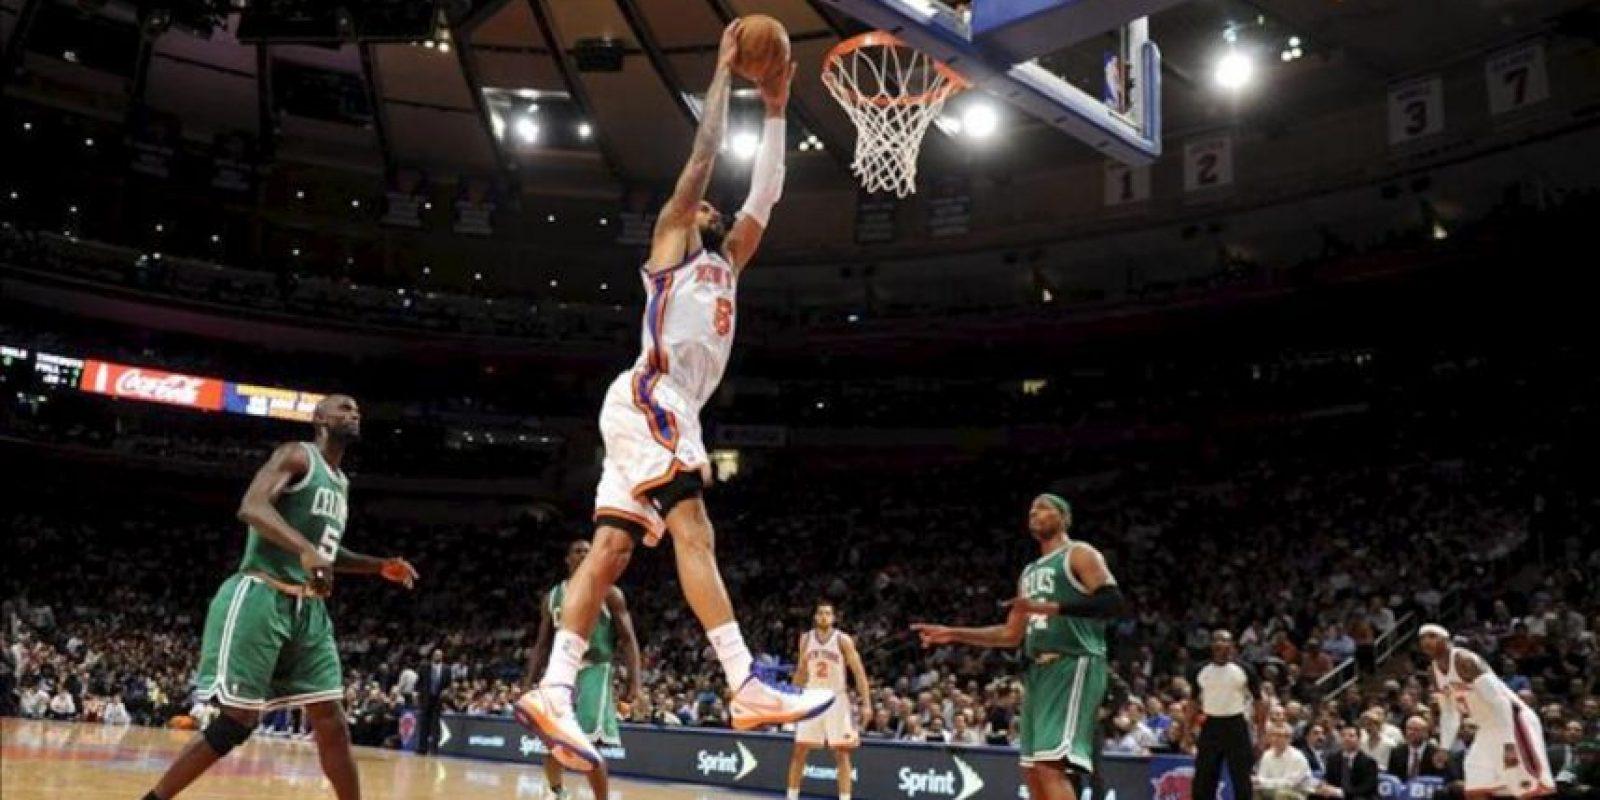 El jugador Tyson Chandler de New York Knicks salta para encestar ante Boston Celtics durante un juego de la NBA en el Madison Square Garden en Nueva York (EEUU). EFE